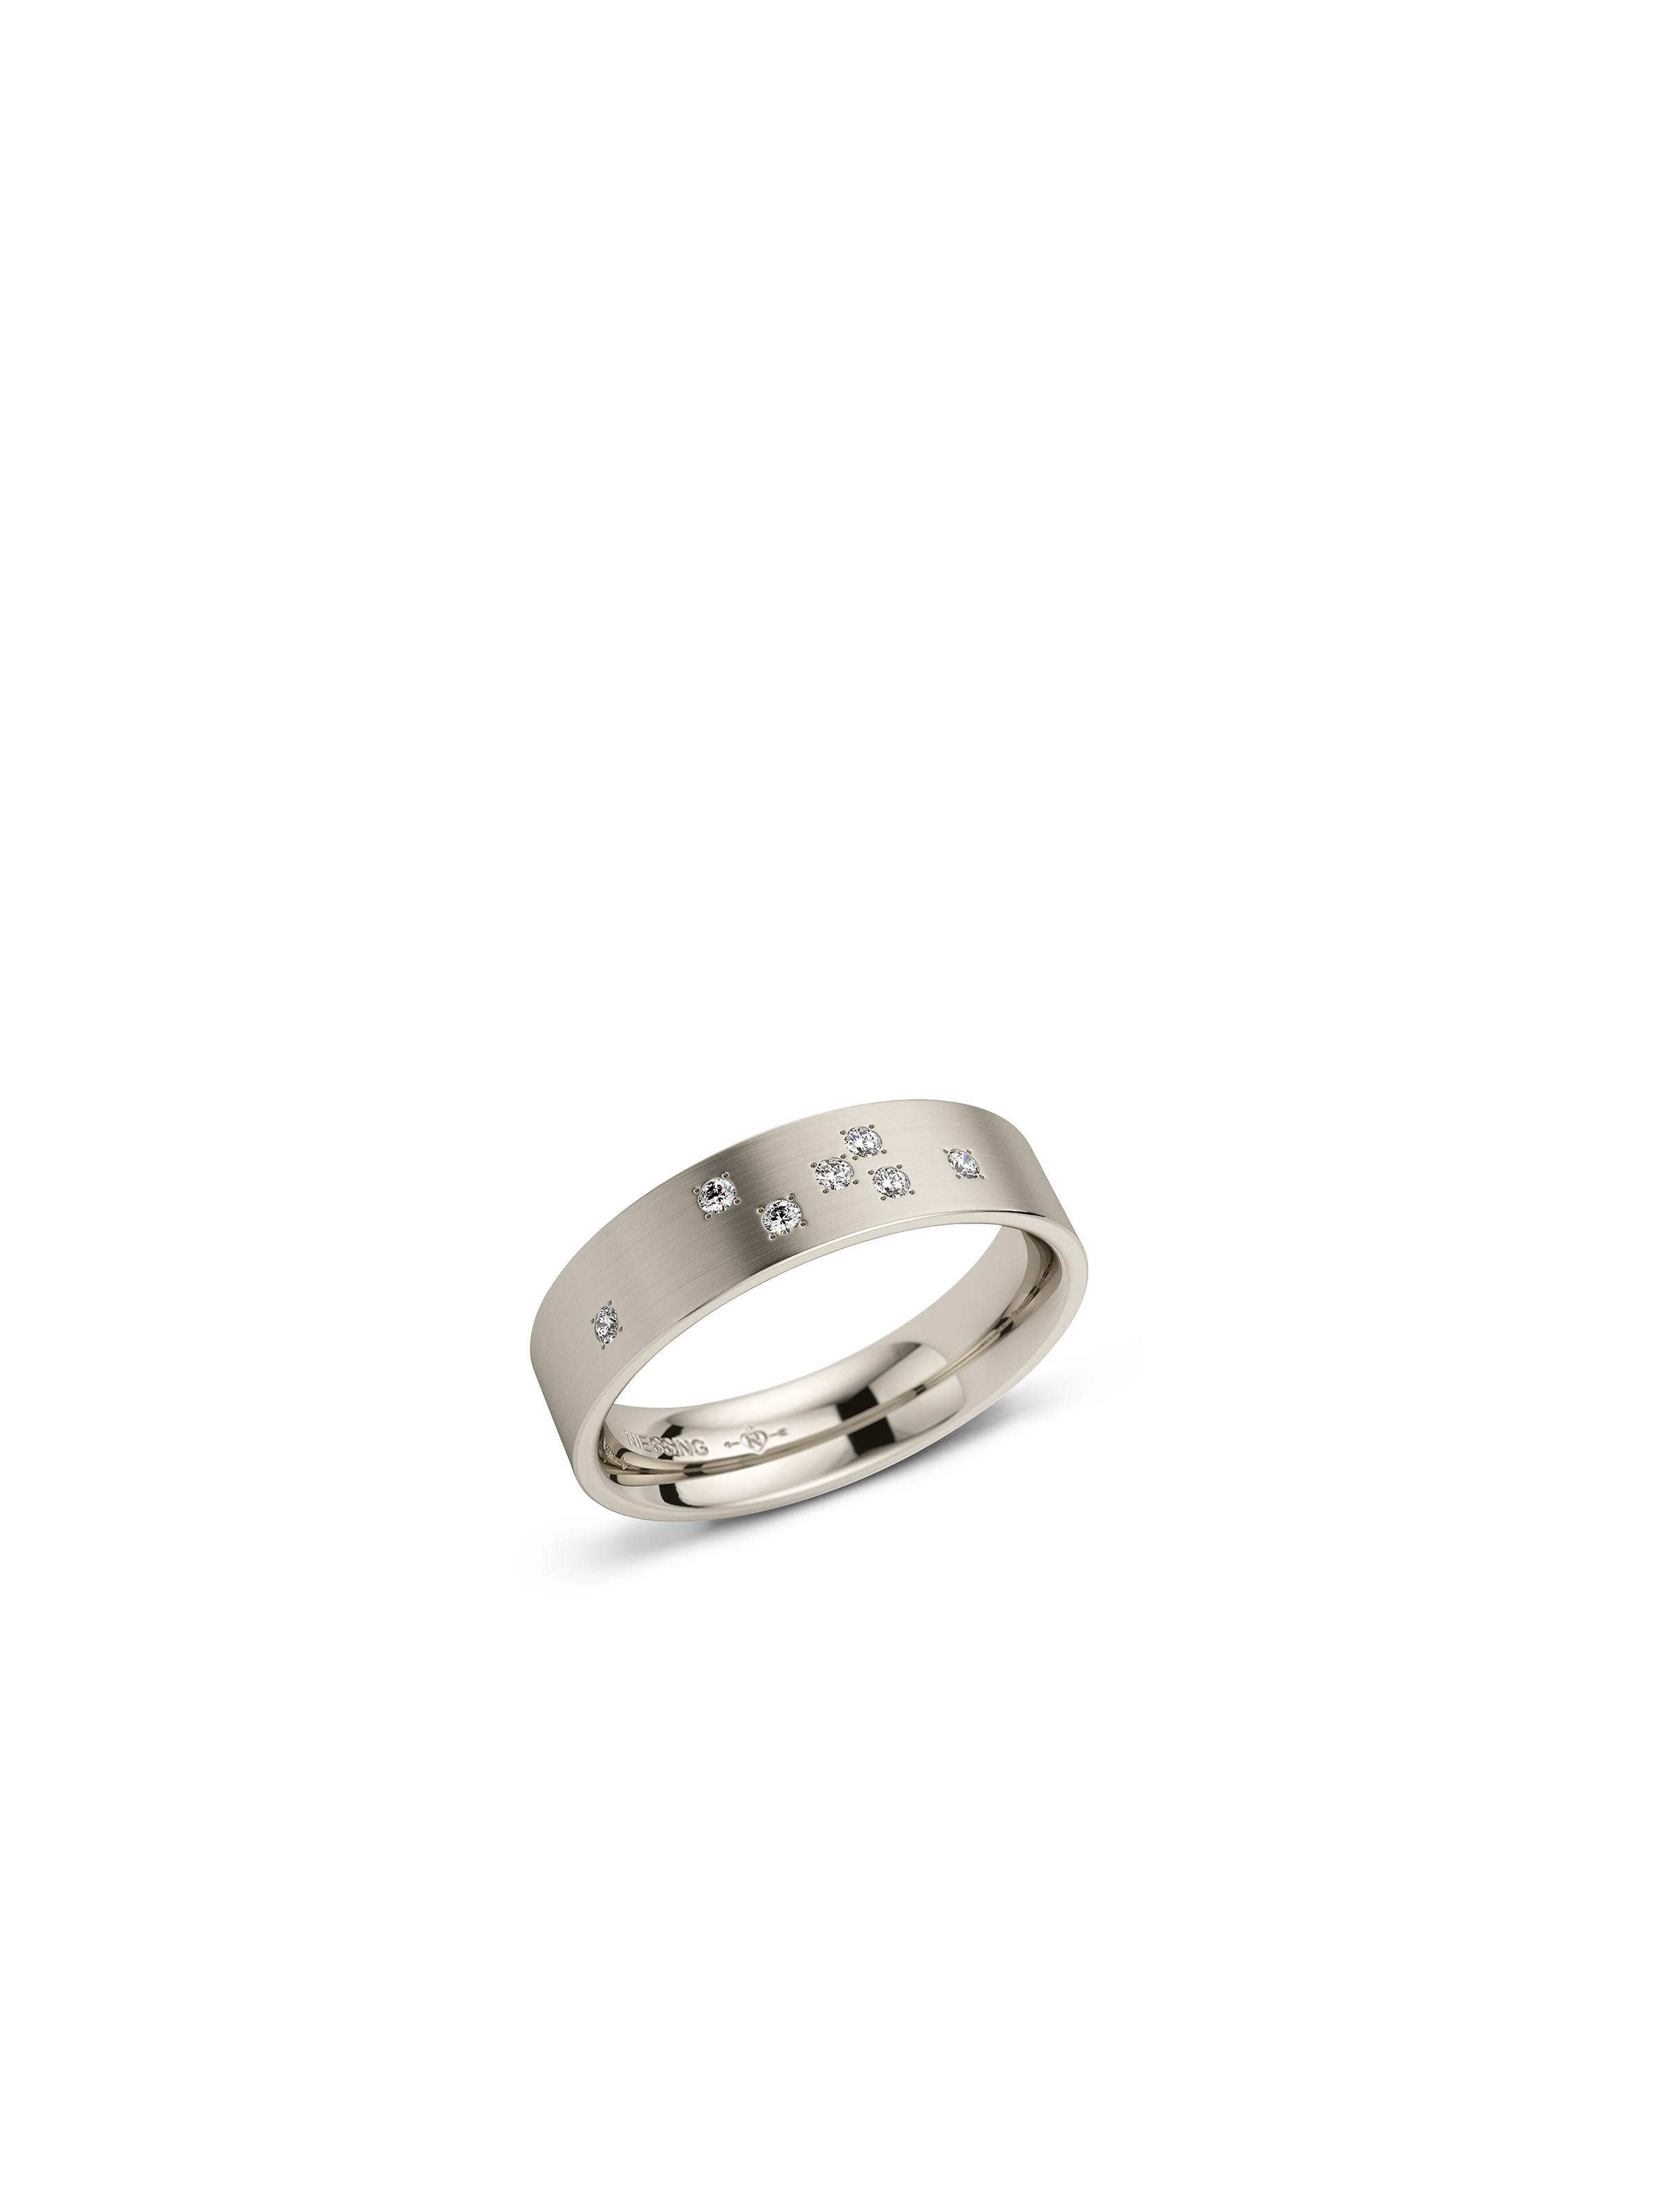 Cube wedding ring -rectangular/domed- with a silk-matt surface